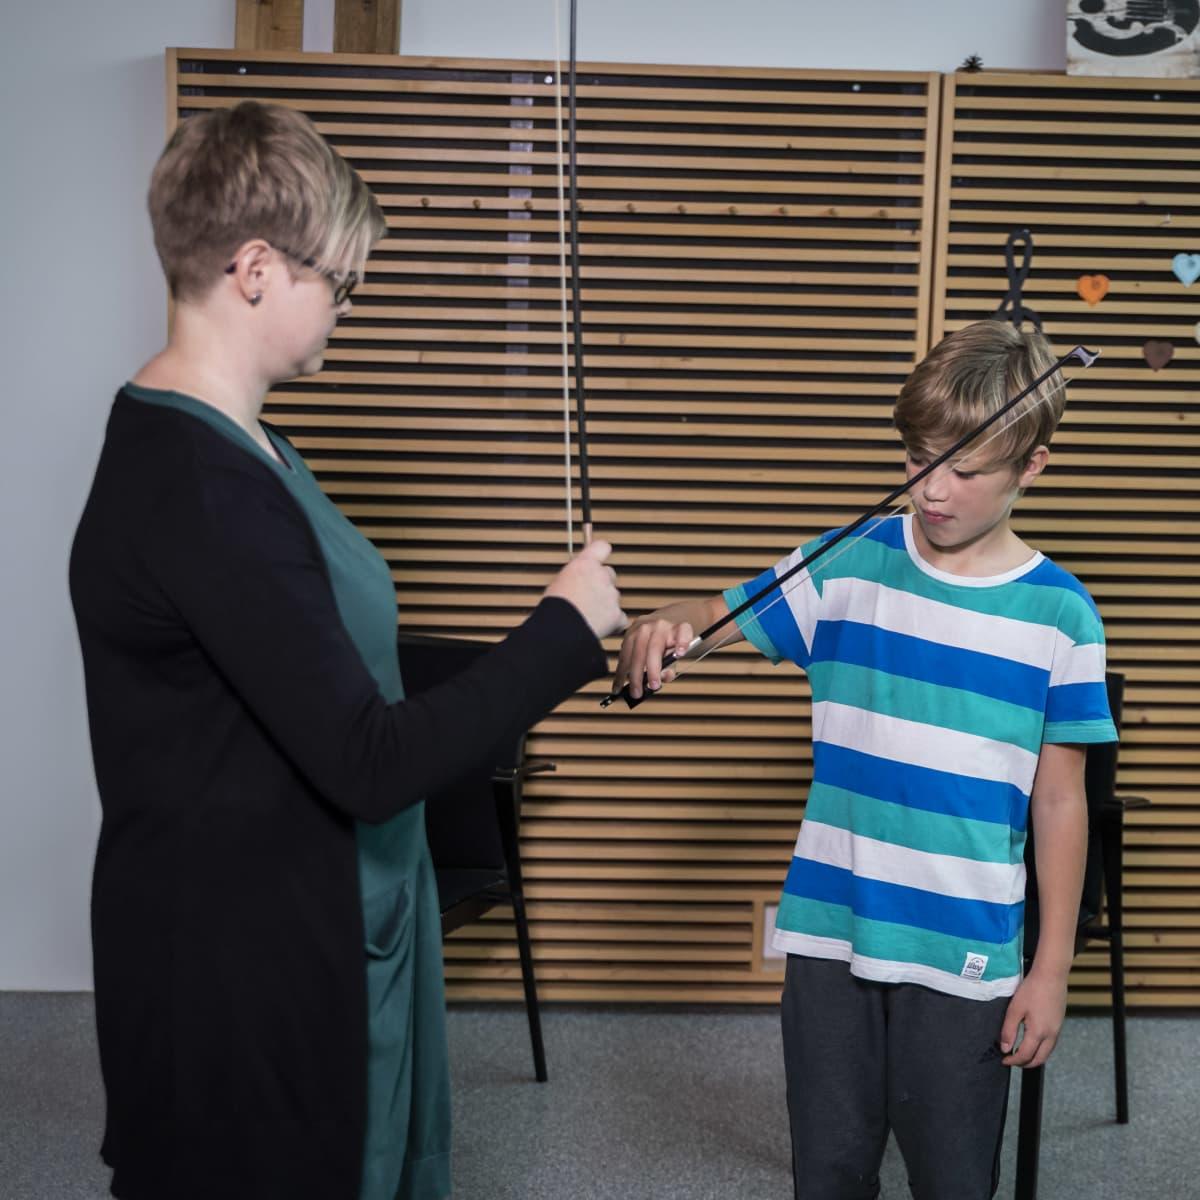 Opettaja ja näppäripelimanni harjoittelemassa jousikäden asentoa.